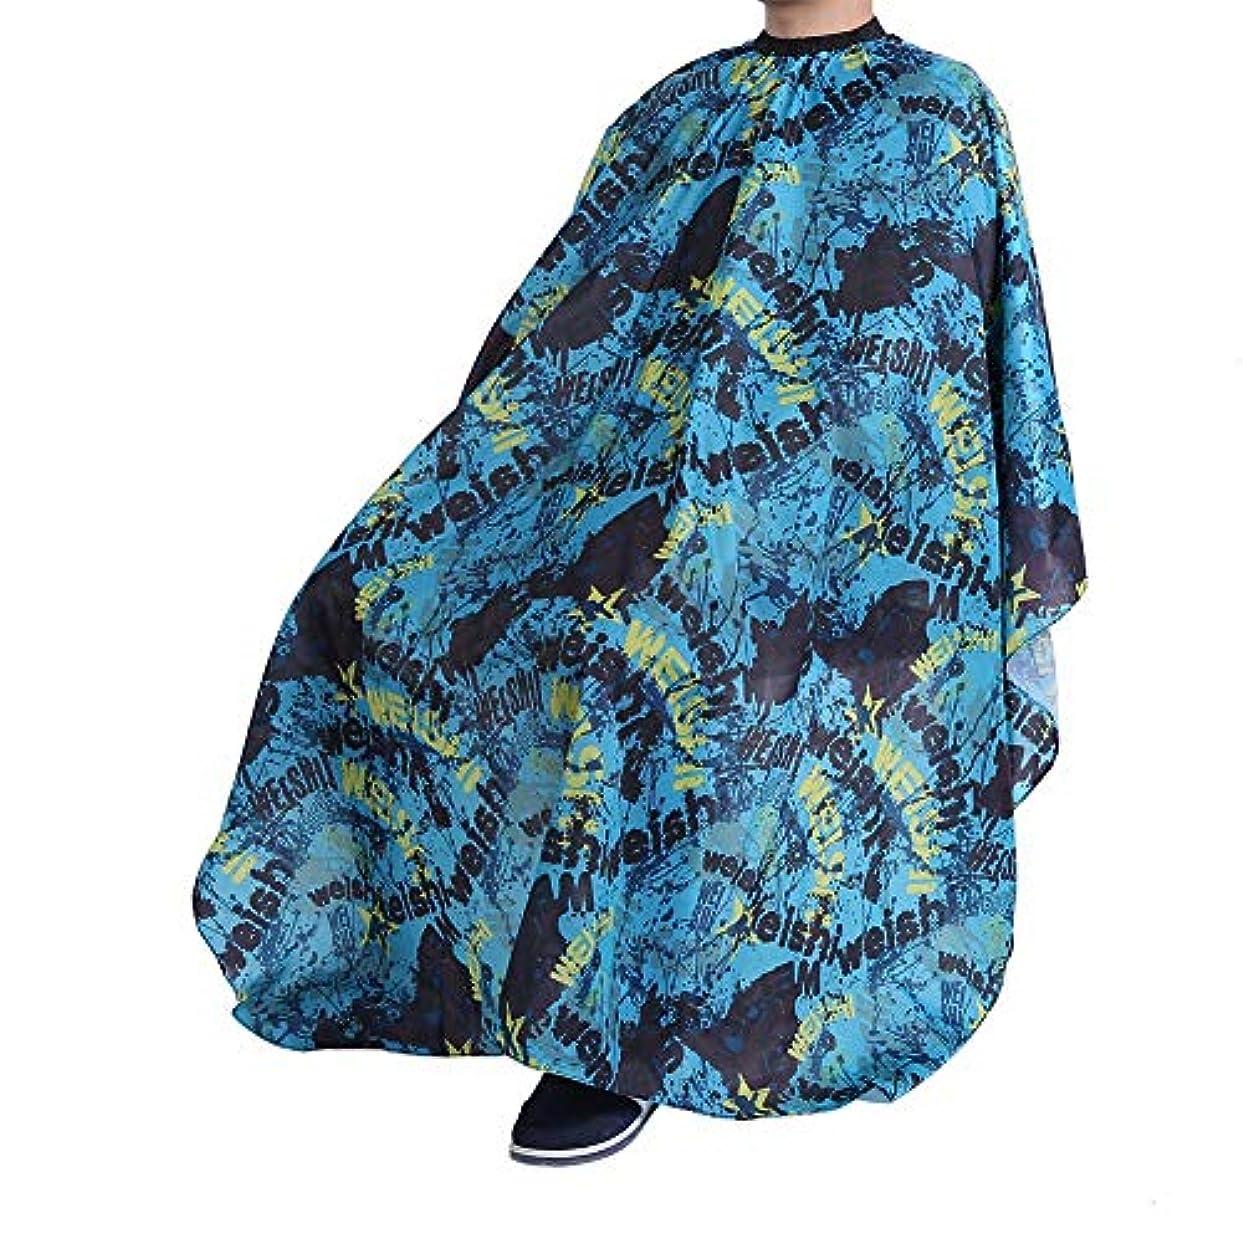 球体メニューカフェ理髪岬エプロンユニセックス-3パターン-防水(ブルースクロール)